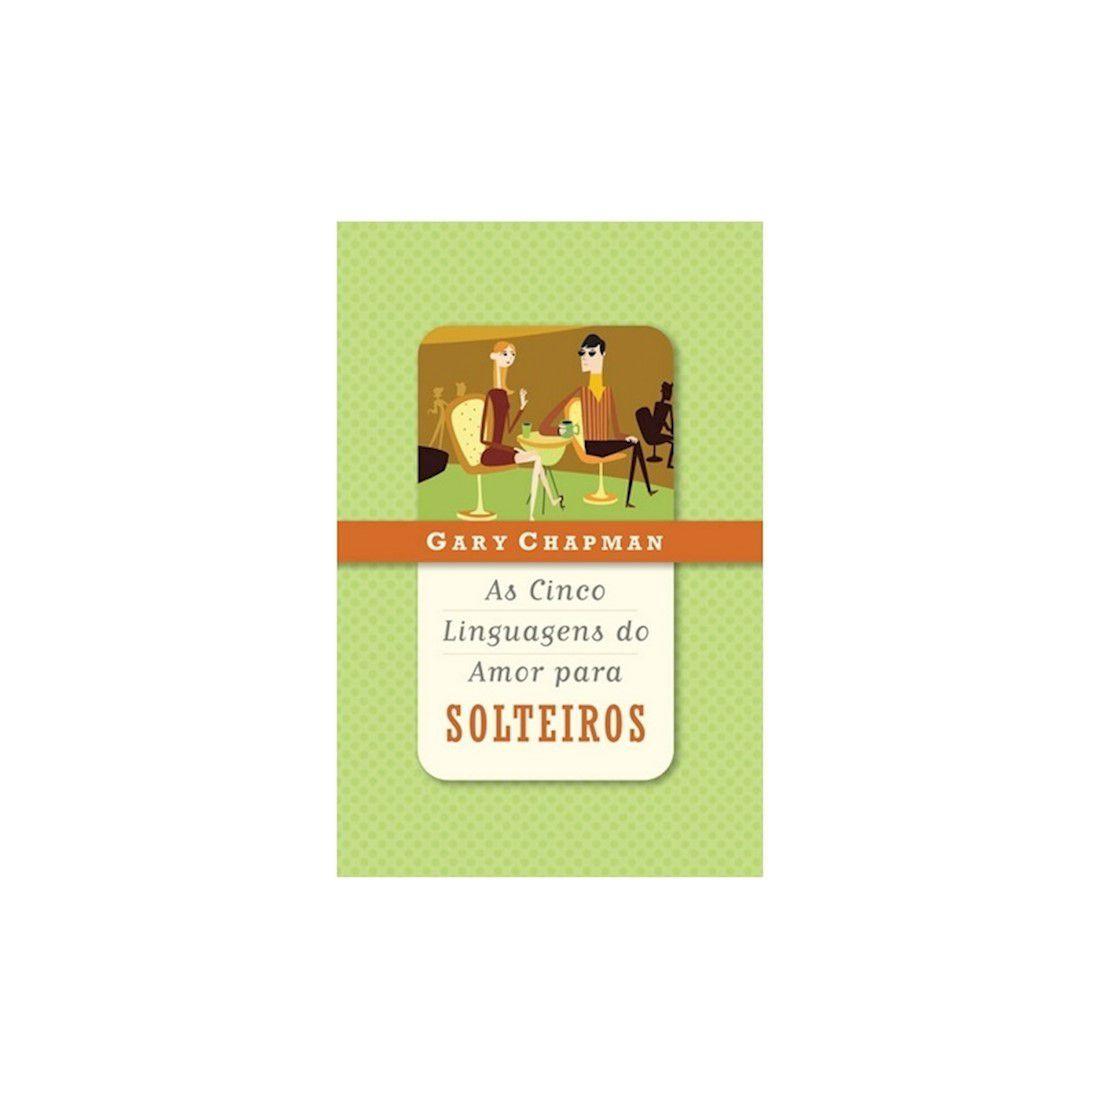 Livro As Cinco Linguagens do Amor para Solteiros - Produto Reembalado